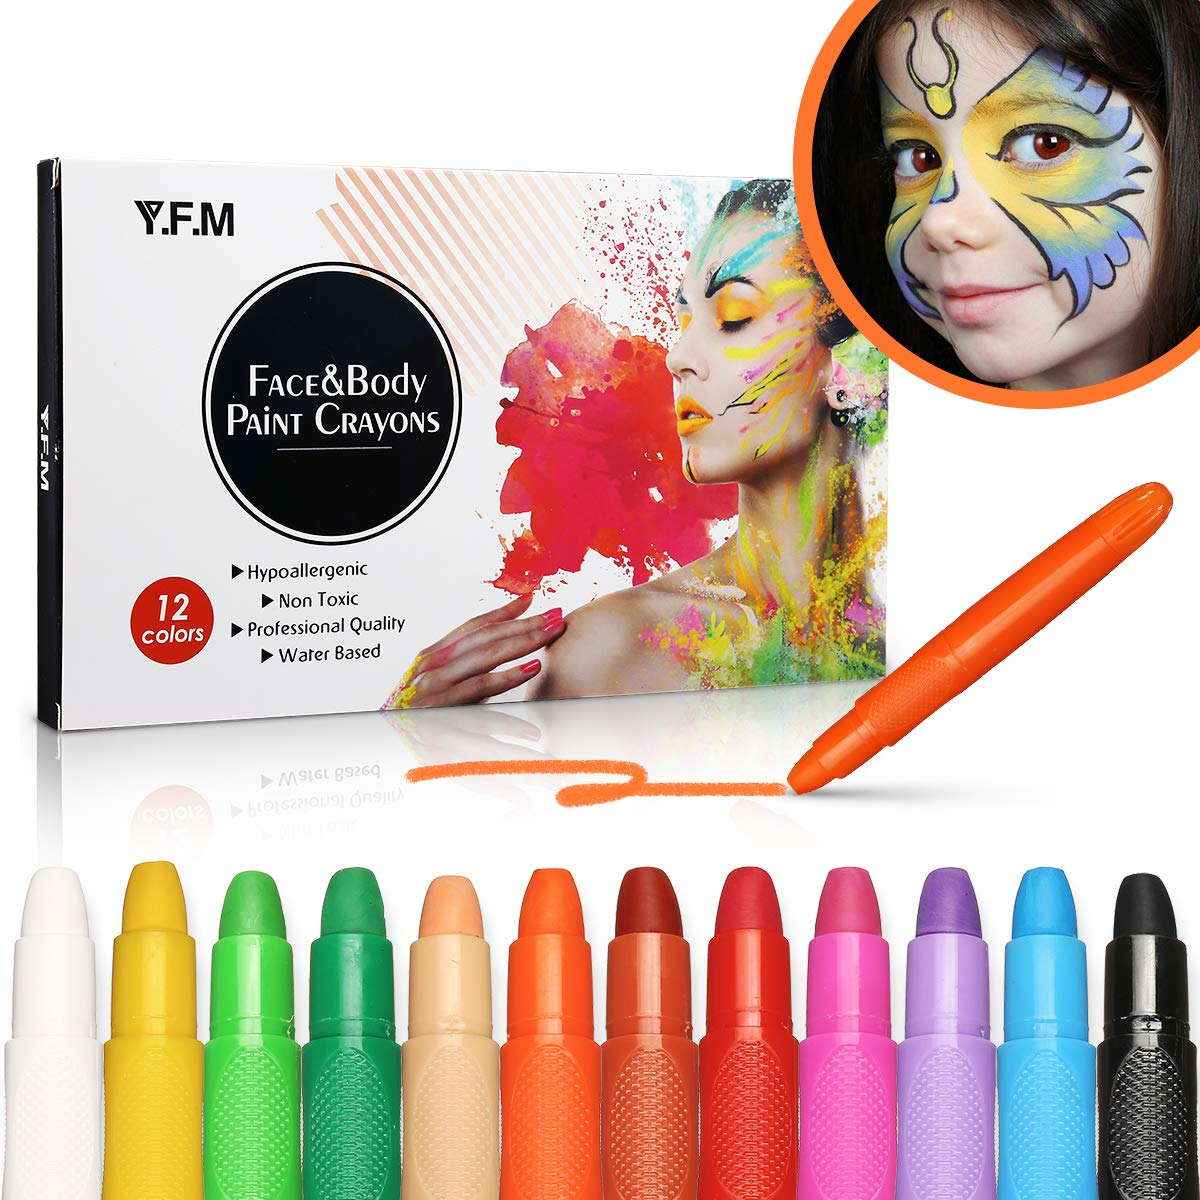 22858e8b7 Y.F.M 12 Colores Pinturas Faciales y Corporales, Lapices Faciales - Kit de  Decoración de Halloween